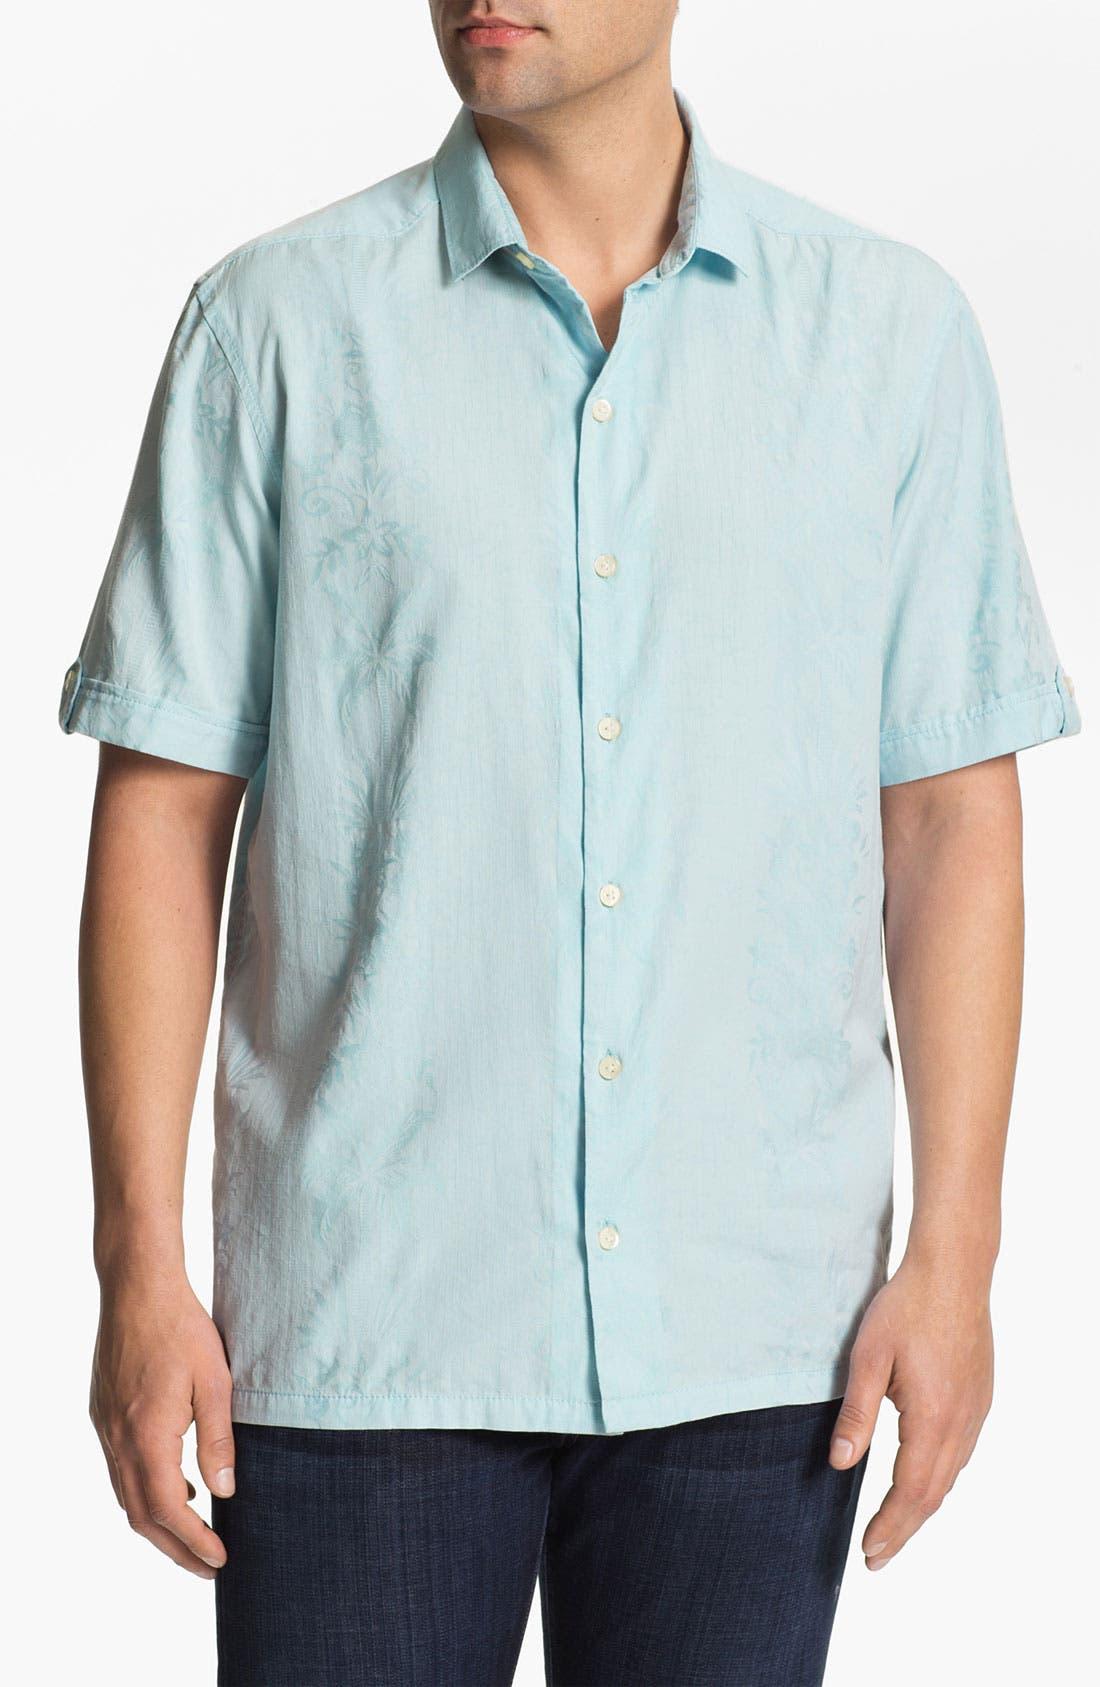 Main Image - Tommy Bahama 'Bali Blogger' Campshirt (Big & Tall)